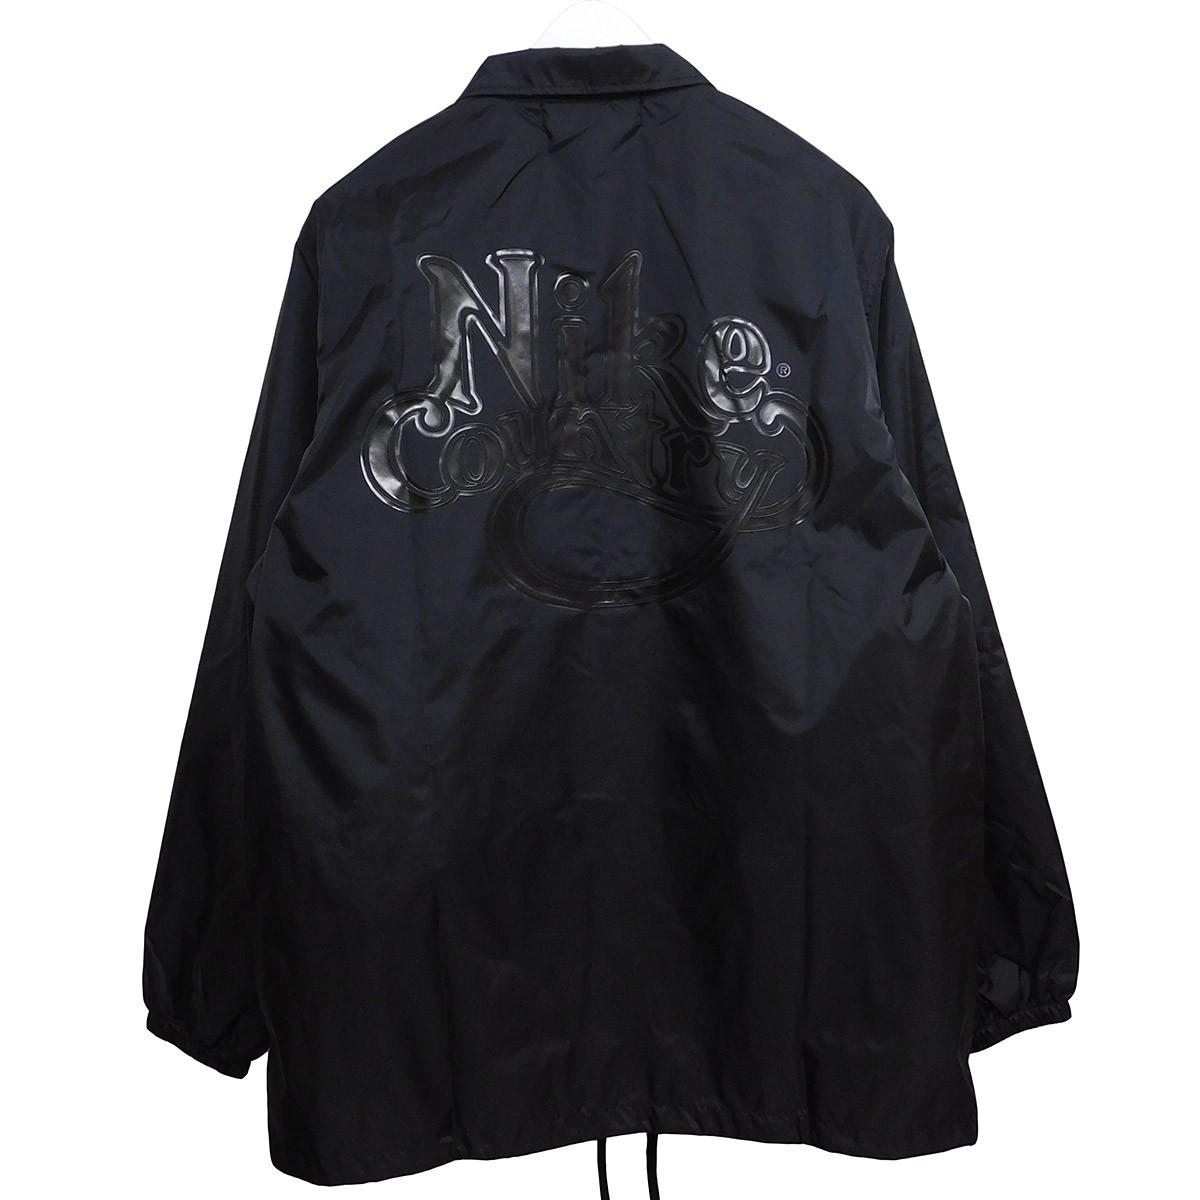 【中古】BLACK COMME des GARCONS×NIKE 2020SS NYLON TAFFETA COACH JACKET ブラック サイズ:L 【050720】(ブラックコムデギャルソン×ナイキ)